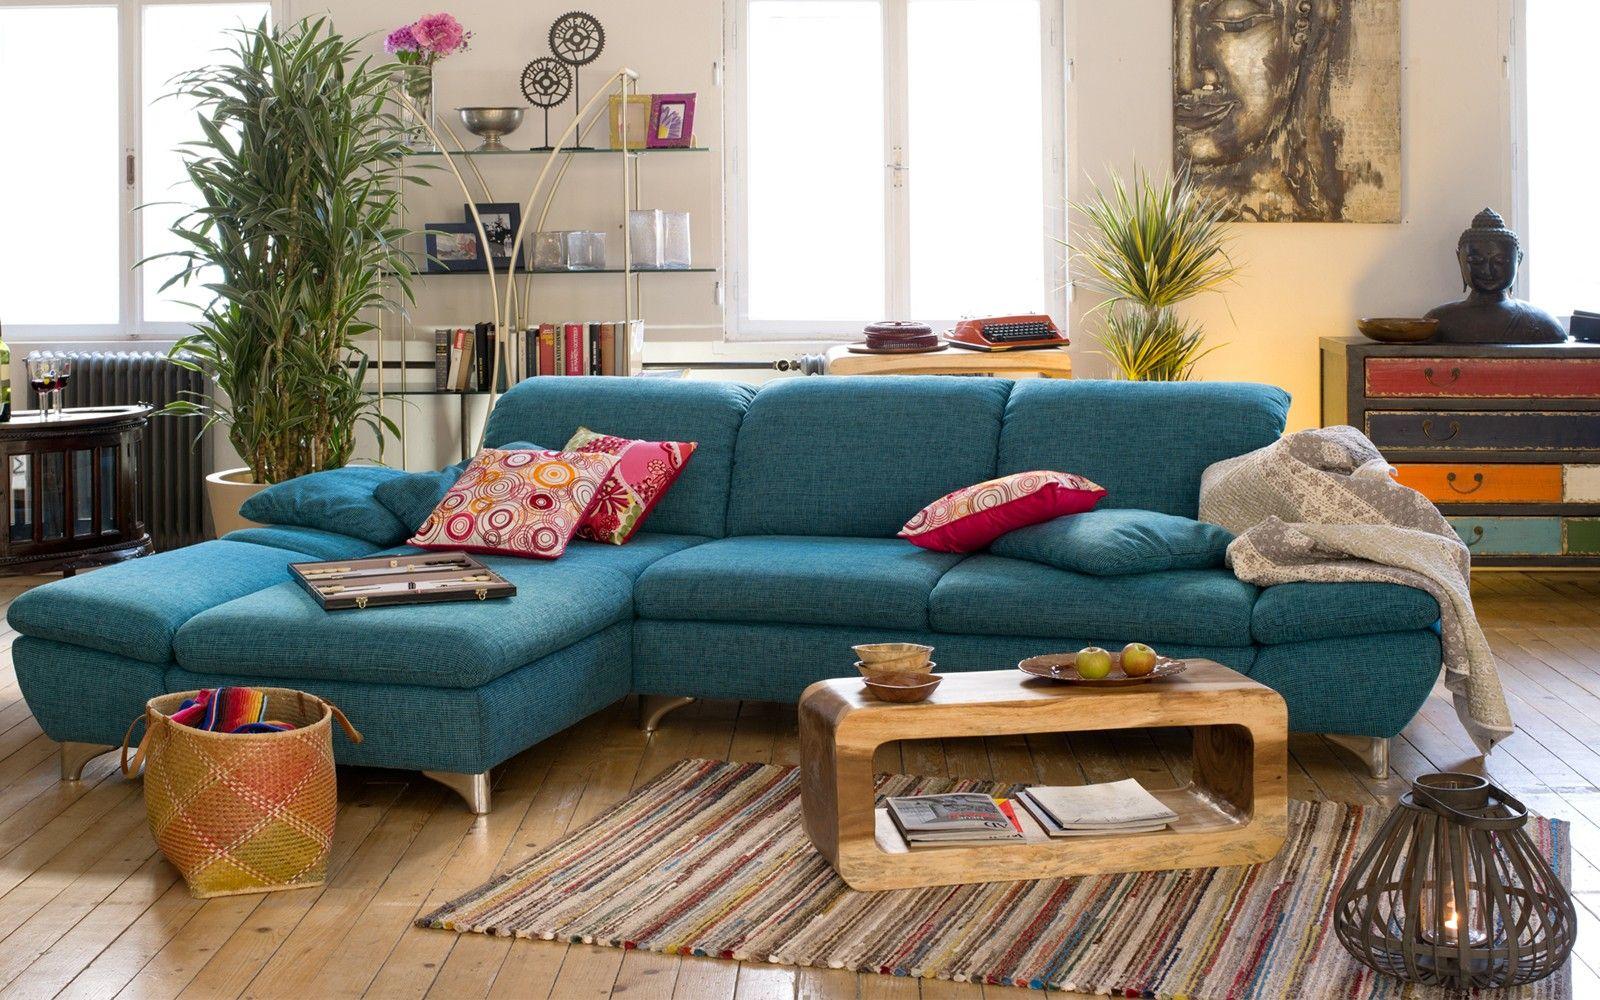 bunte couch   Wohnzimmer   Pinterest   bunte Couch, Couch und Bunt